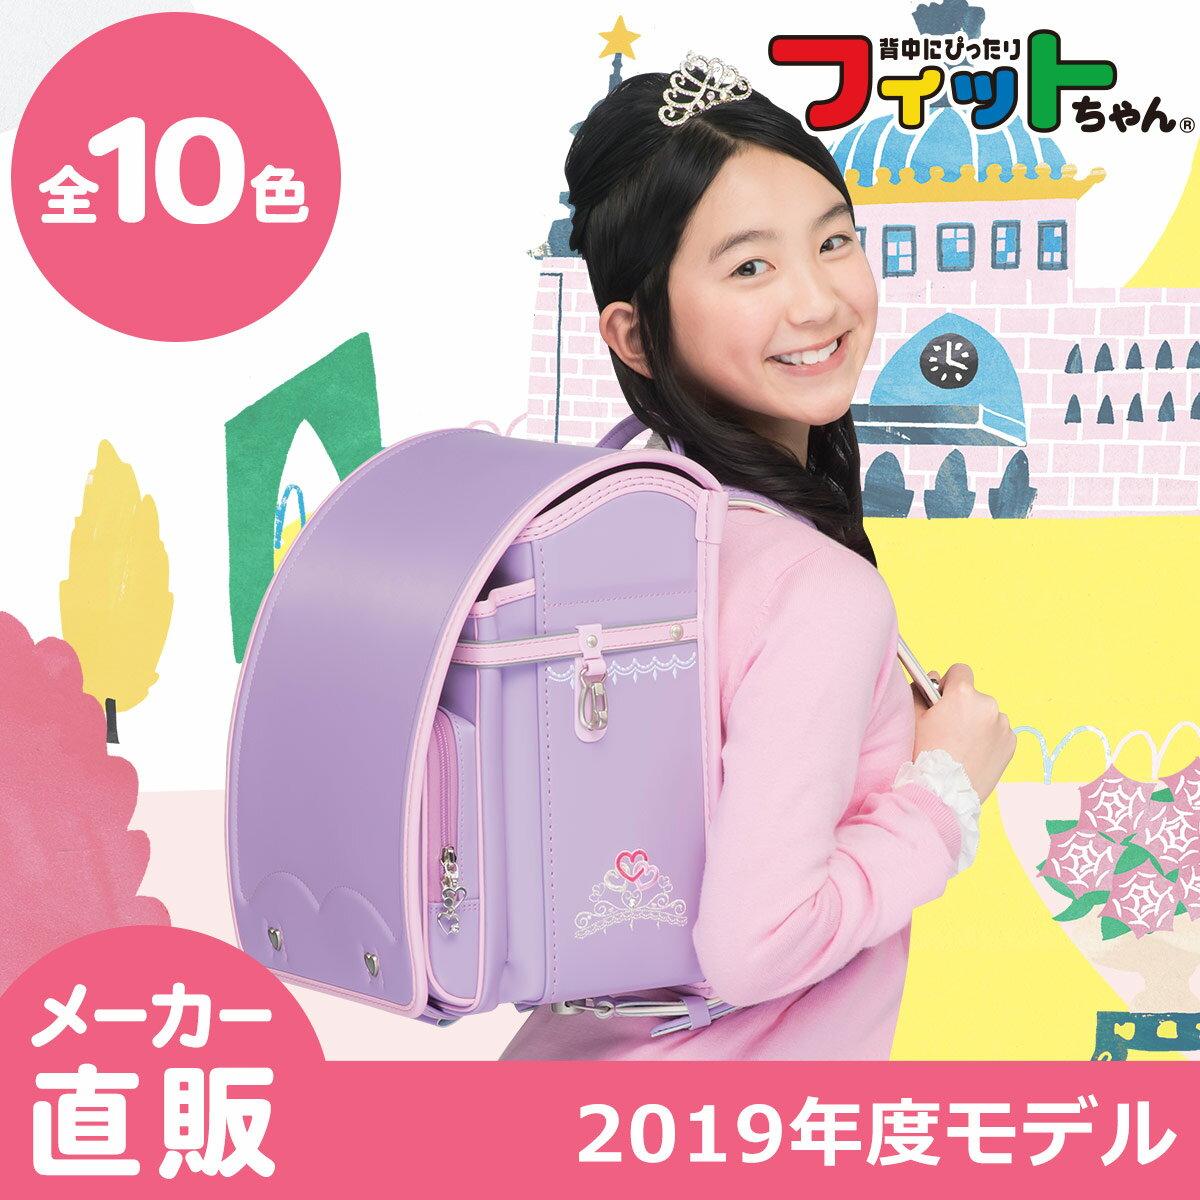 フィットちゃんランドセル あい・愛ティアラ(FIT-213Z)2019年モデル フィットちゃんランドセルA4フラットファイル収納サイズ